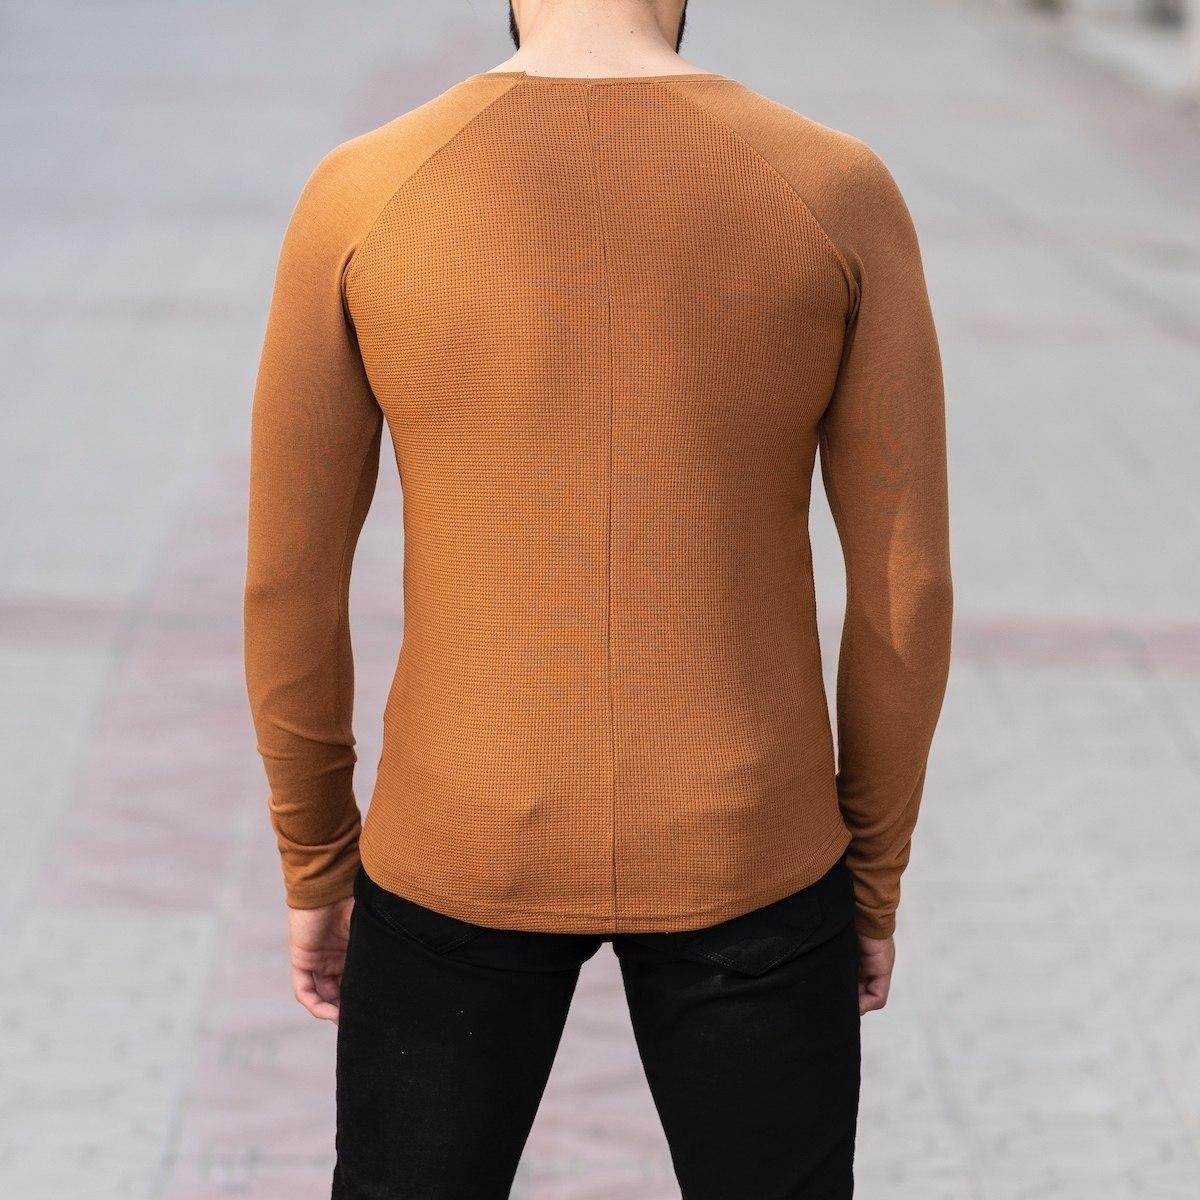 Dotwork Sweatshirt In Brown Mv Premium Brand - 4